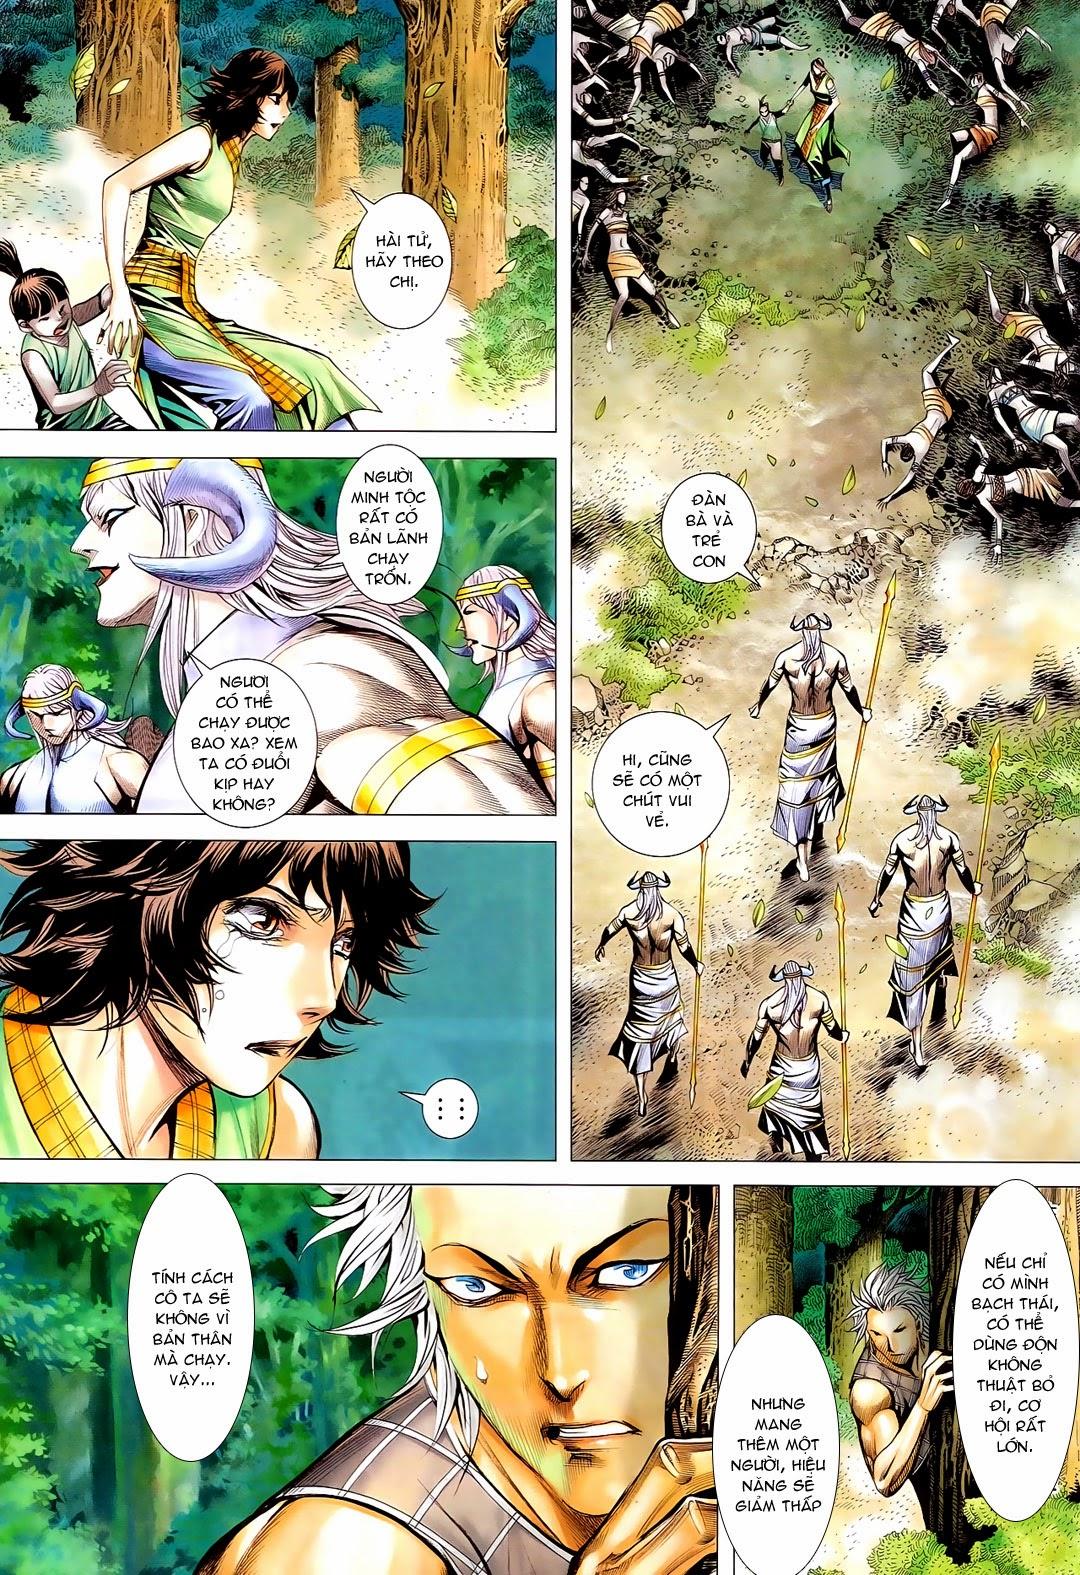 Phong Thần Ký Chap 171 - Trang 19